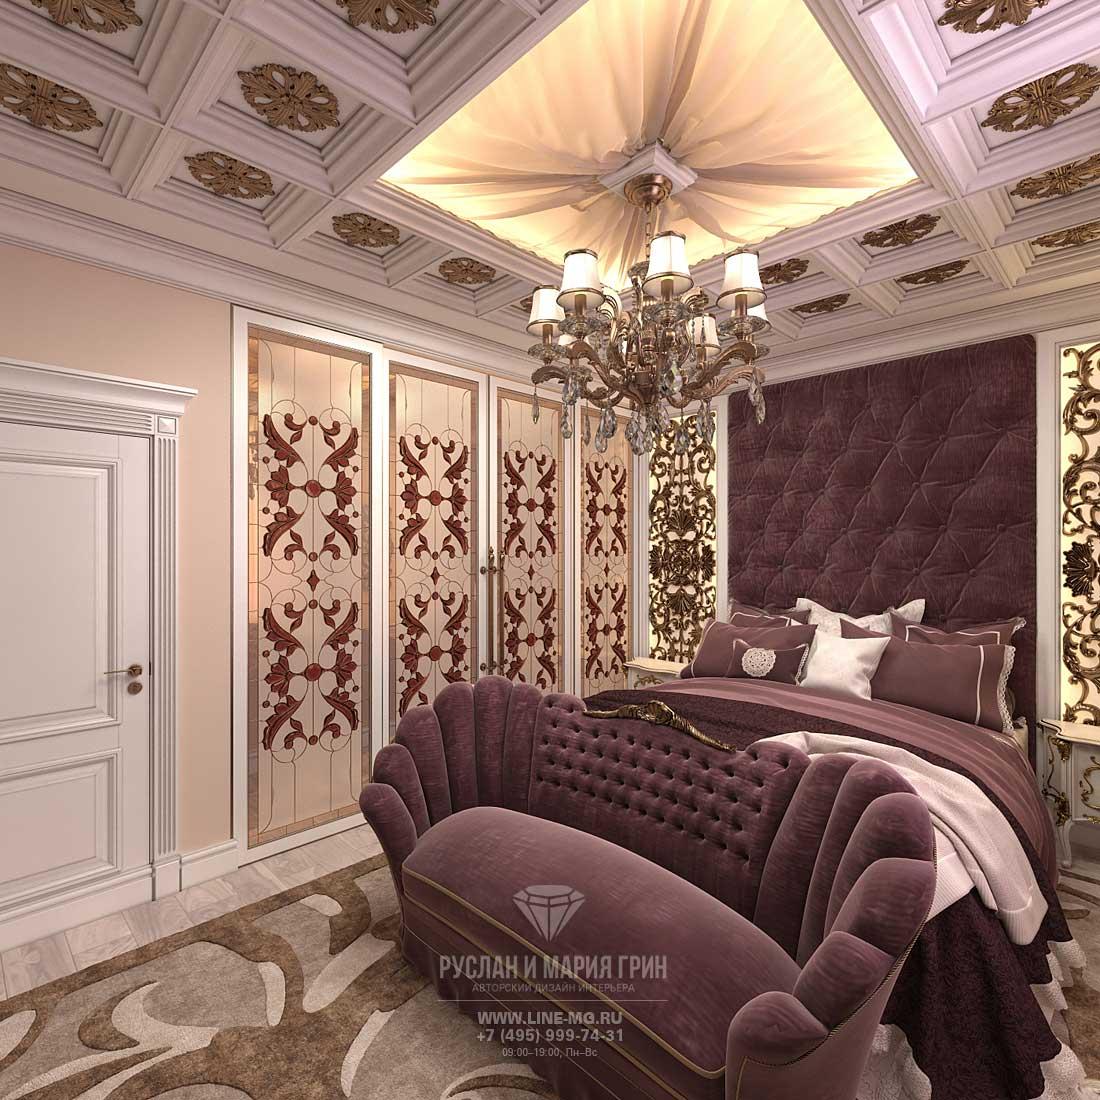 Дизайн спальни в загородном доме. Фото 2015 и современные идеи